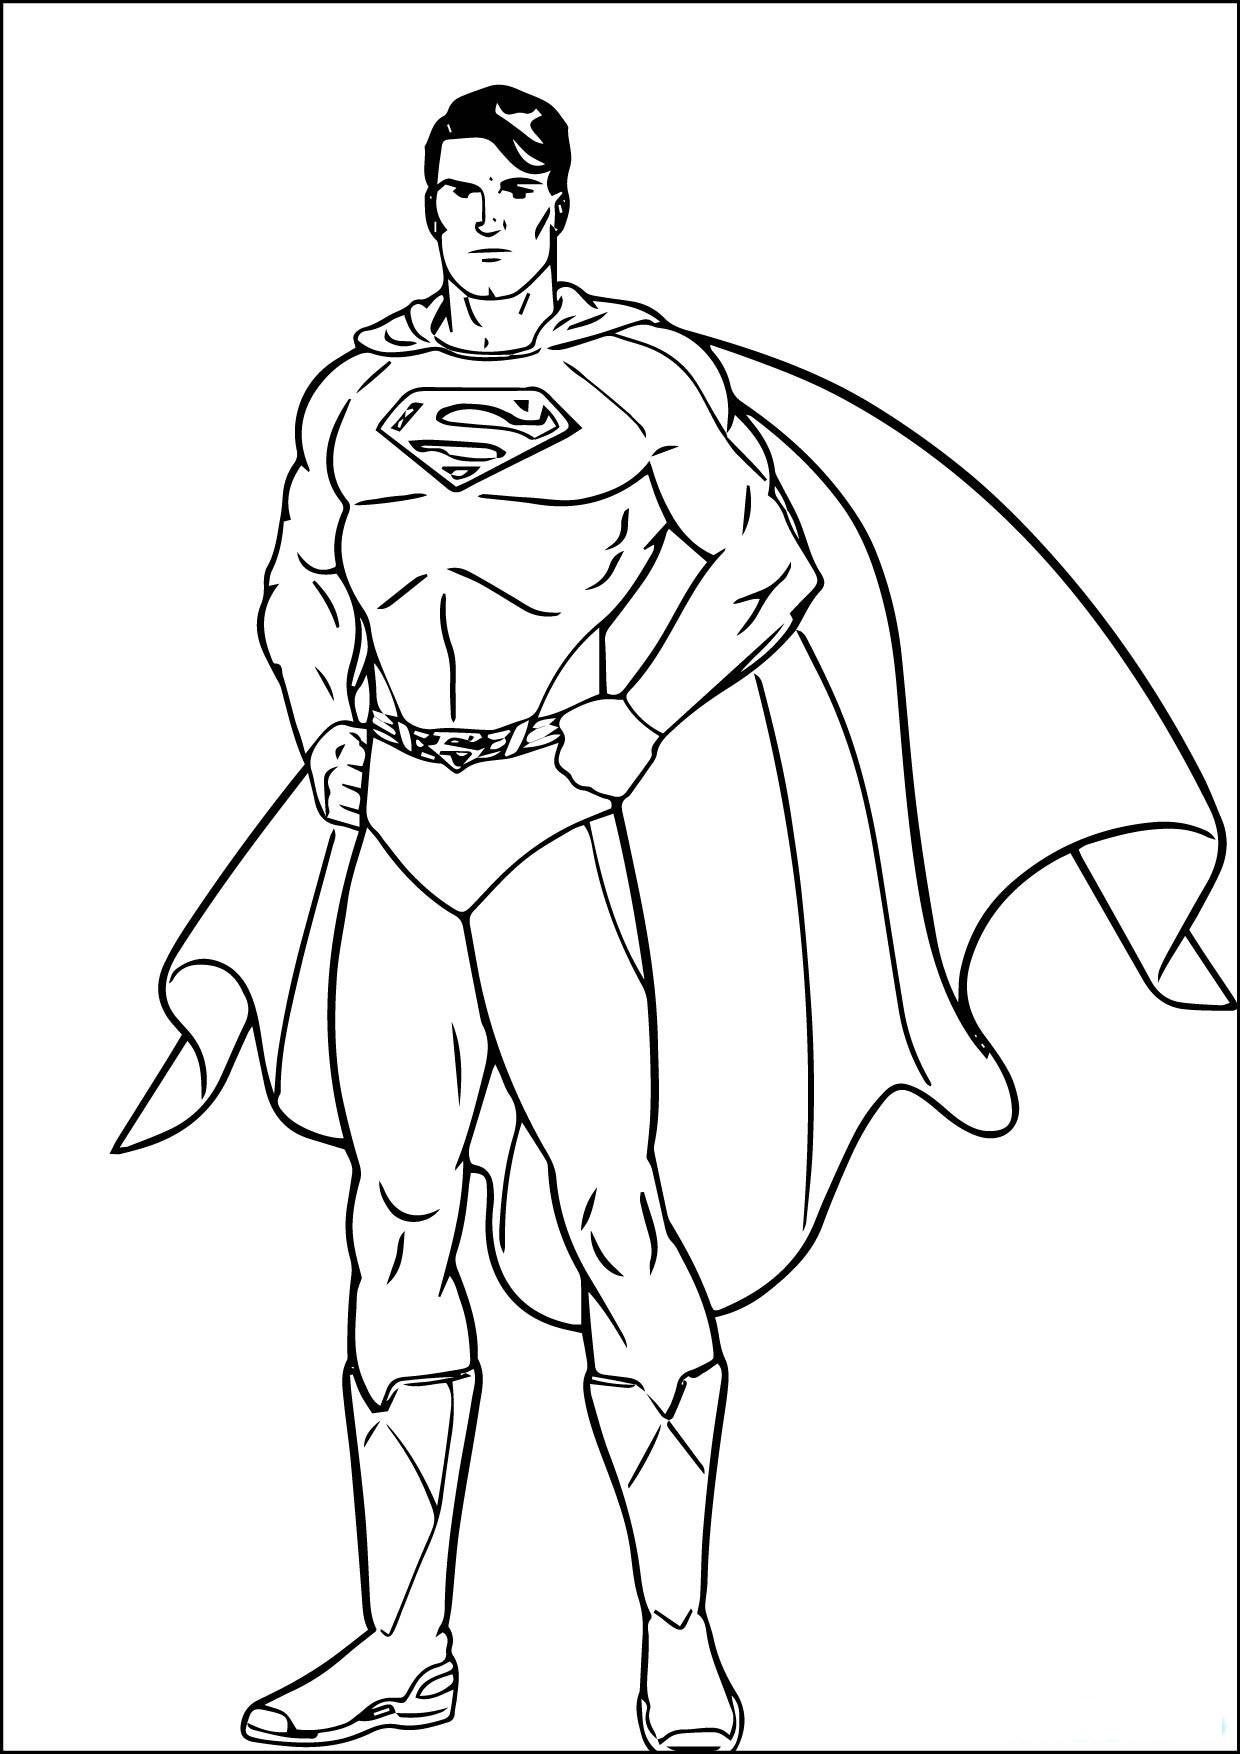 Tranh tô màu siêu nhân đẹp  (57)